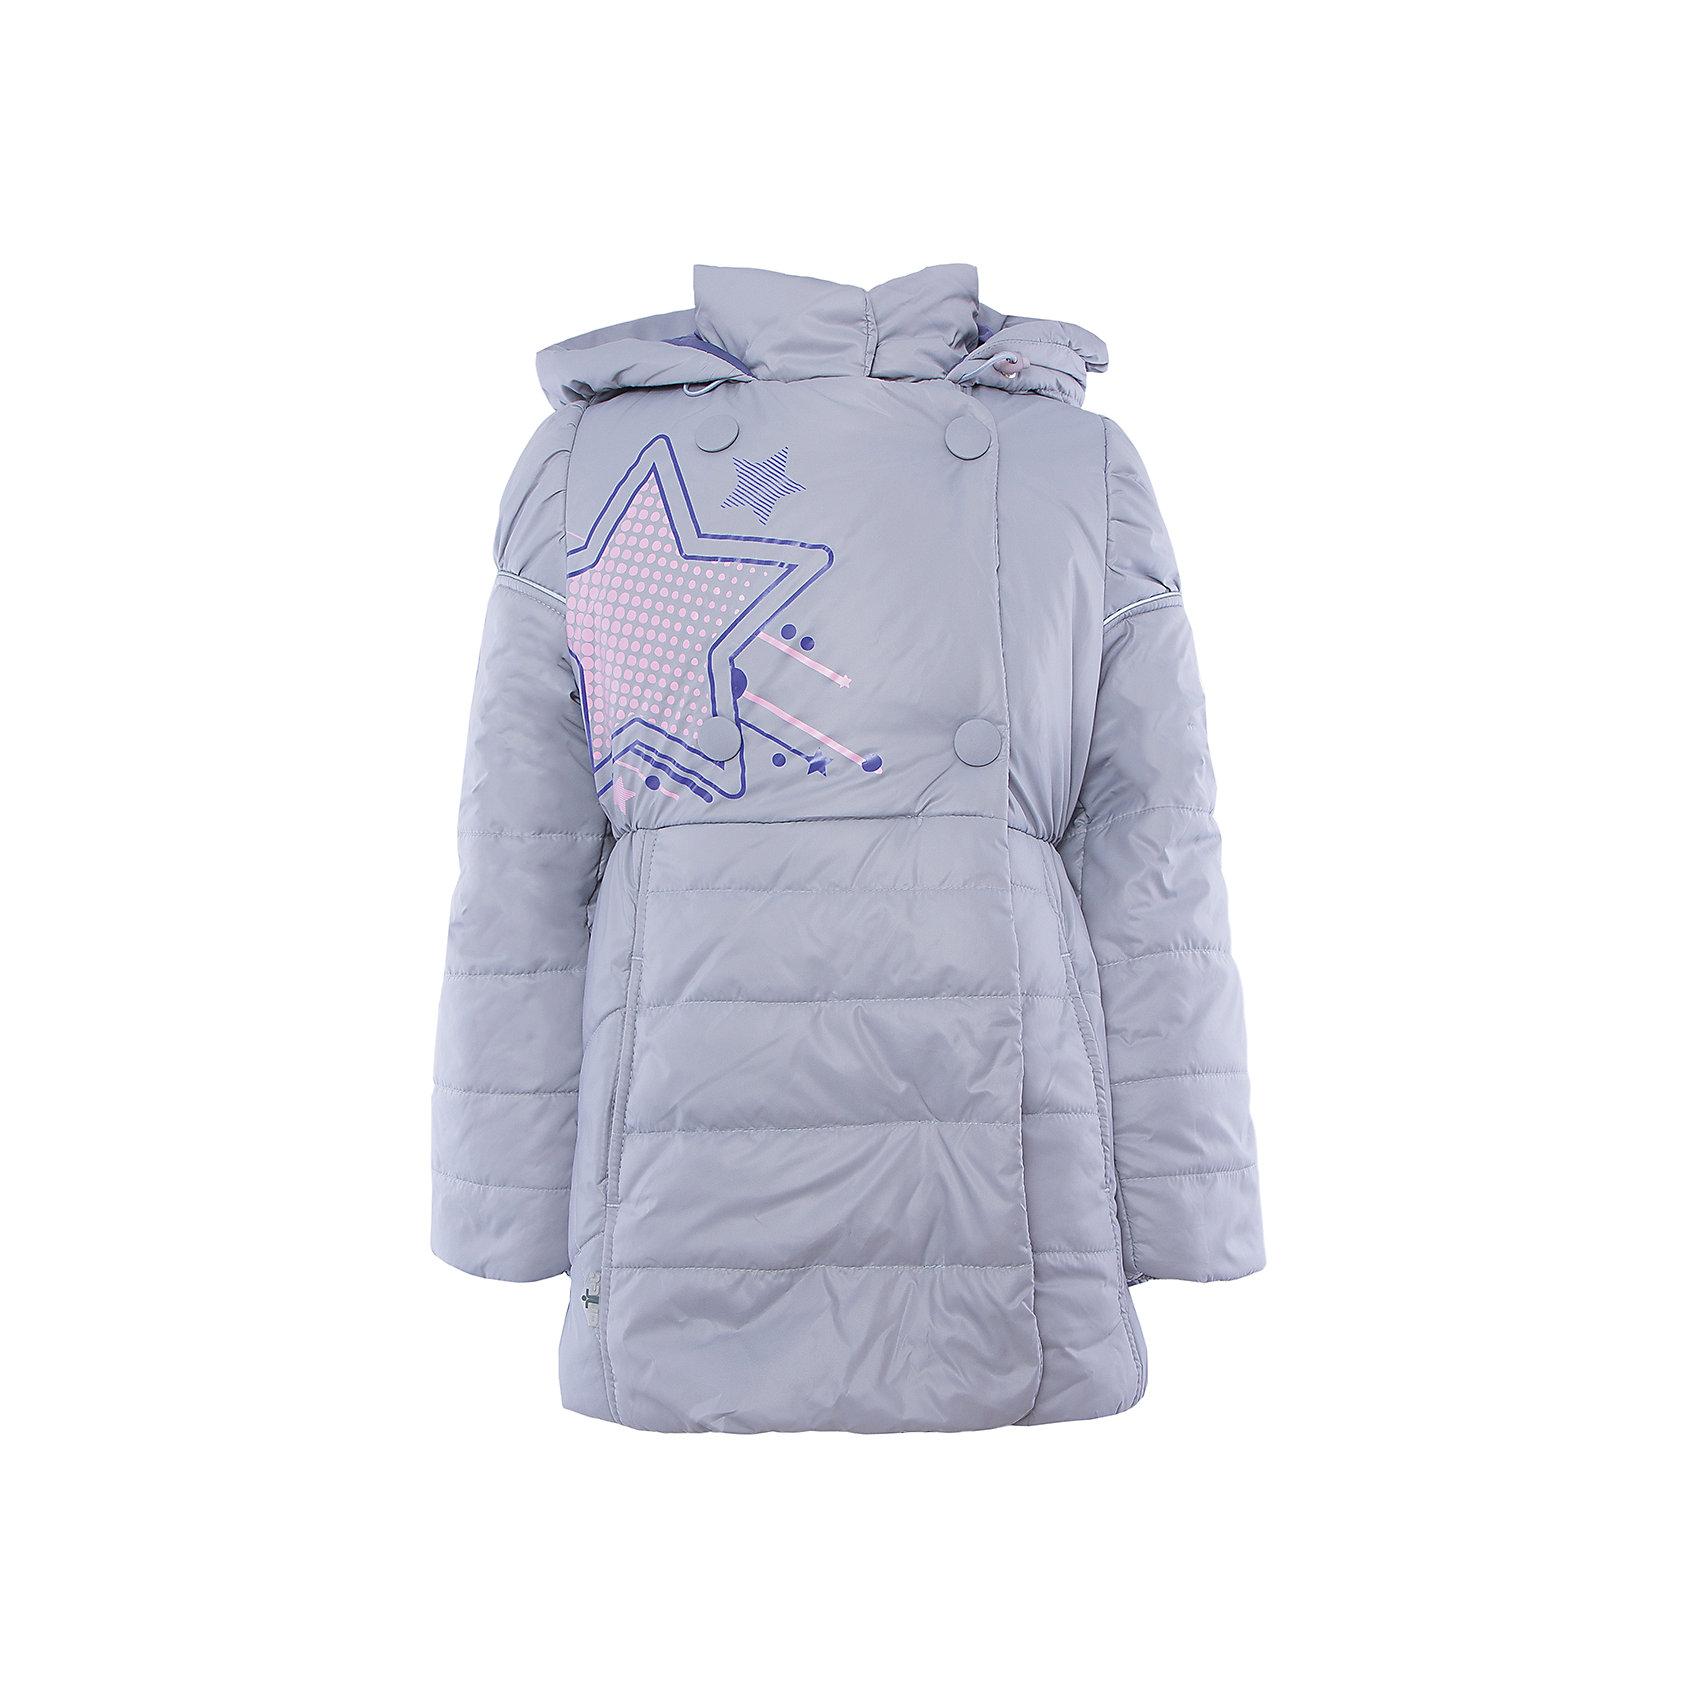 Куртка для девочки АртельКуртка для девочки от известного бренда Артель<br>Стильная удлиненная двубортная куртка на девочку. Капюшон втачной с отворотом в виде буфа. Манжета рукава регулируется по длине. По линии талии сторочка с резинкой. <br>Состав:<br>Верх: YSD 819<br>Подкладка: интерлок, тиси<br>Утеплитель: термофайбер 200гр<br><br>Ширина мм: 356<br>Глубина мм: 10<br>Высота мм: 245<br>Вес г: 519<br>Цвет: серый<br>Возраст от месяцев: 36<br>Возраст до месяцев: 48<br>Пол: Женский<br>Возраст: Детский<br>Размер: 104,128,122,116,110<br>SKU: 4963642